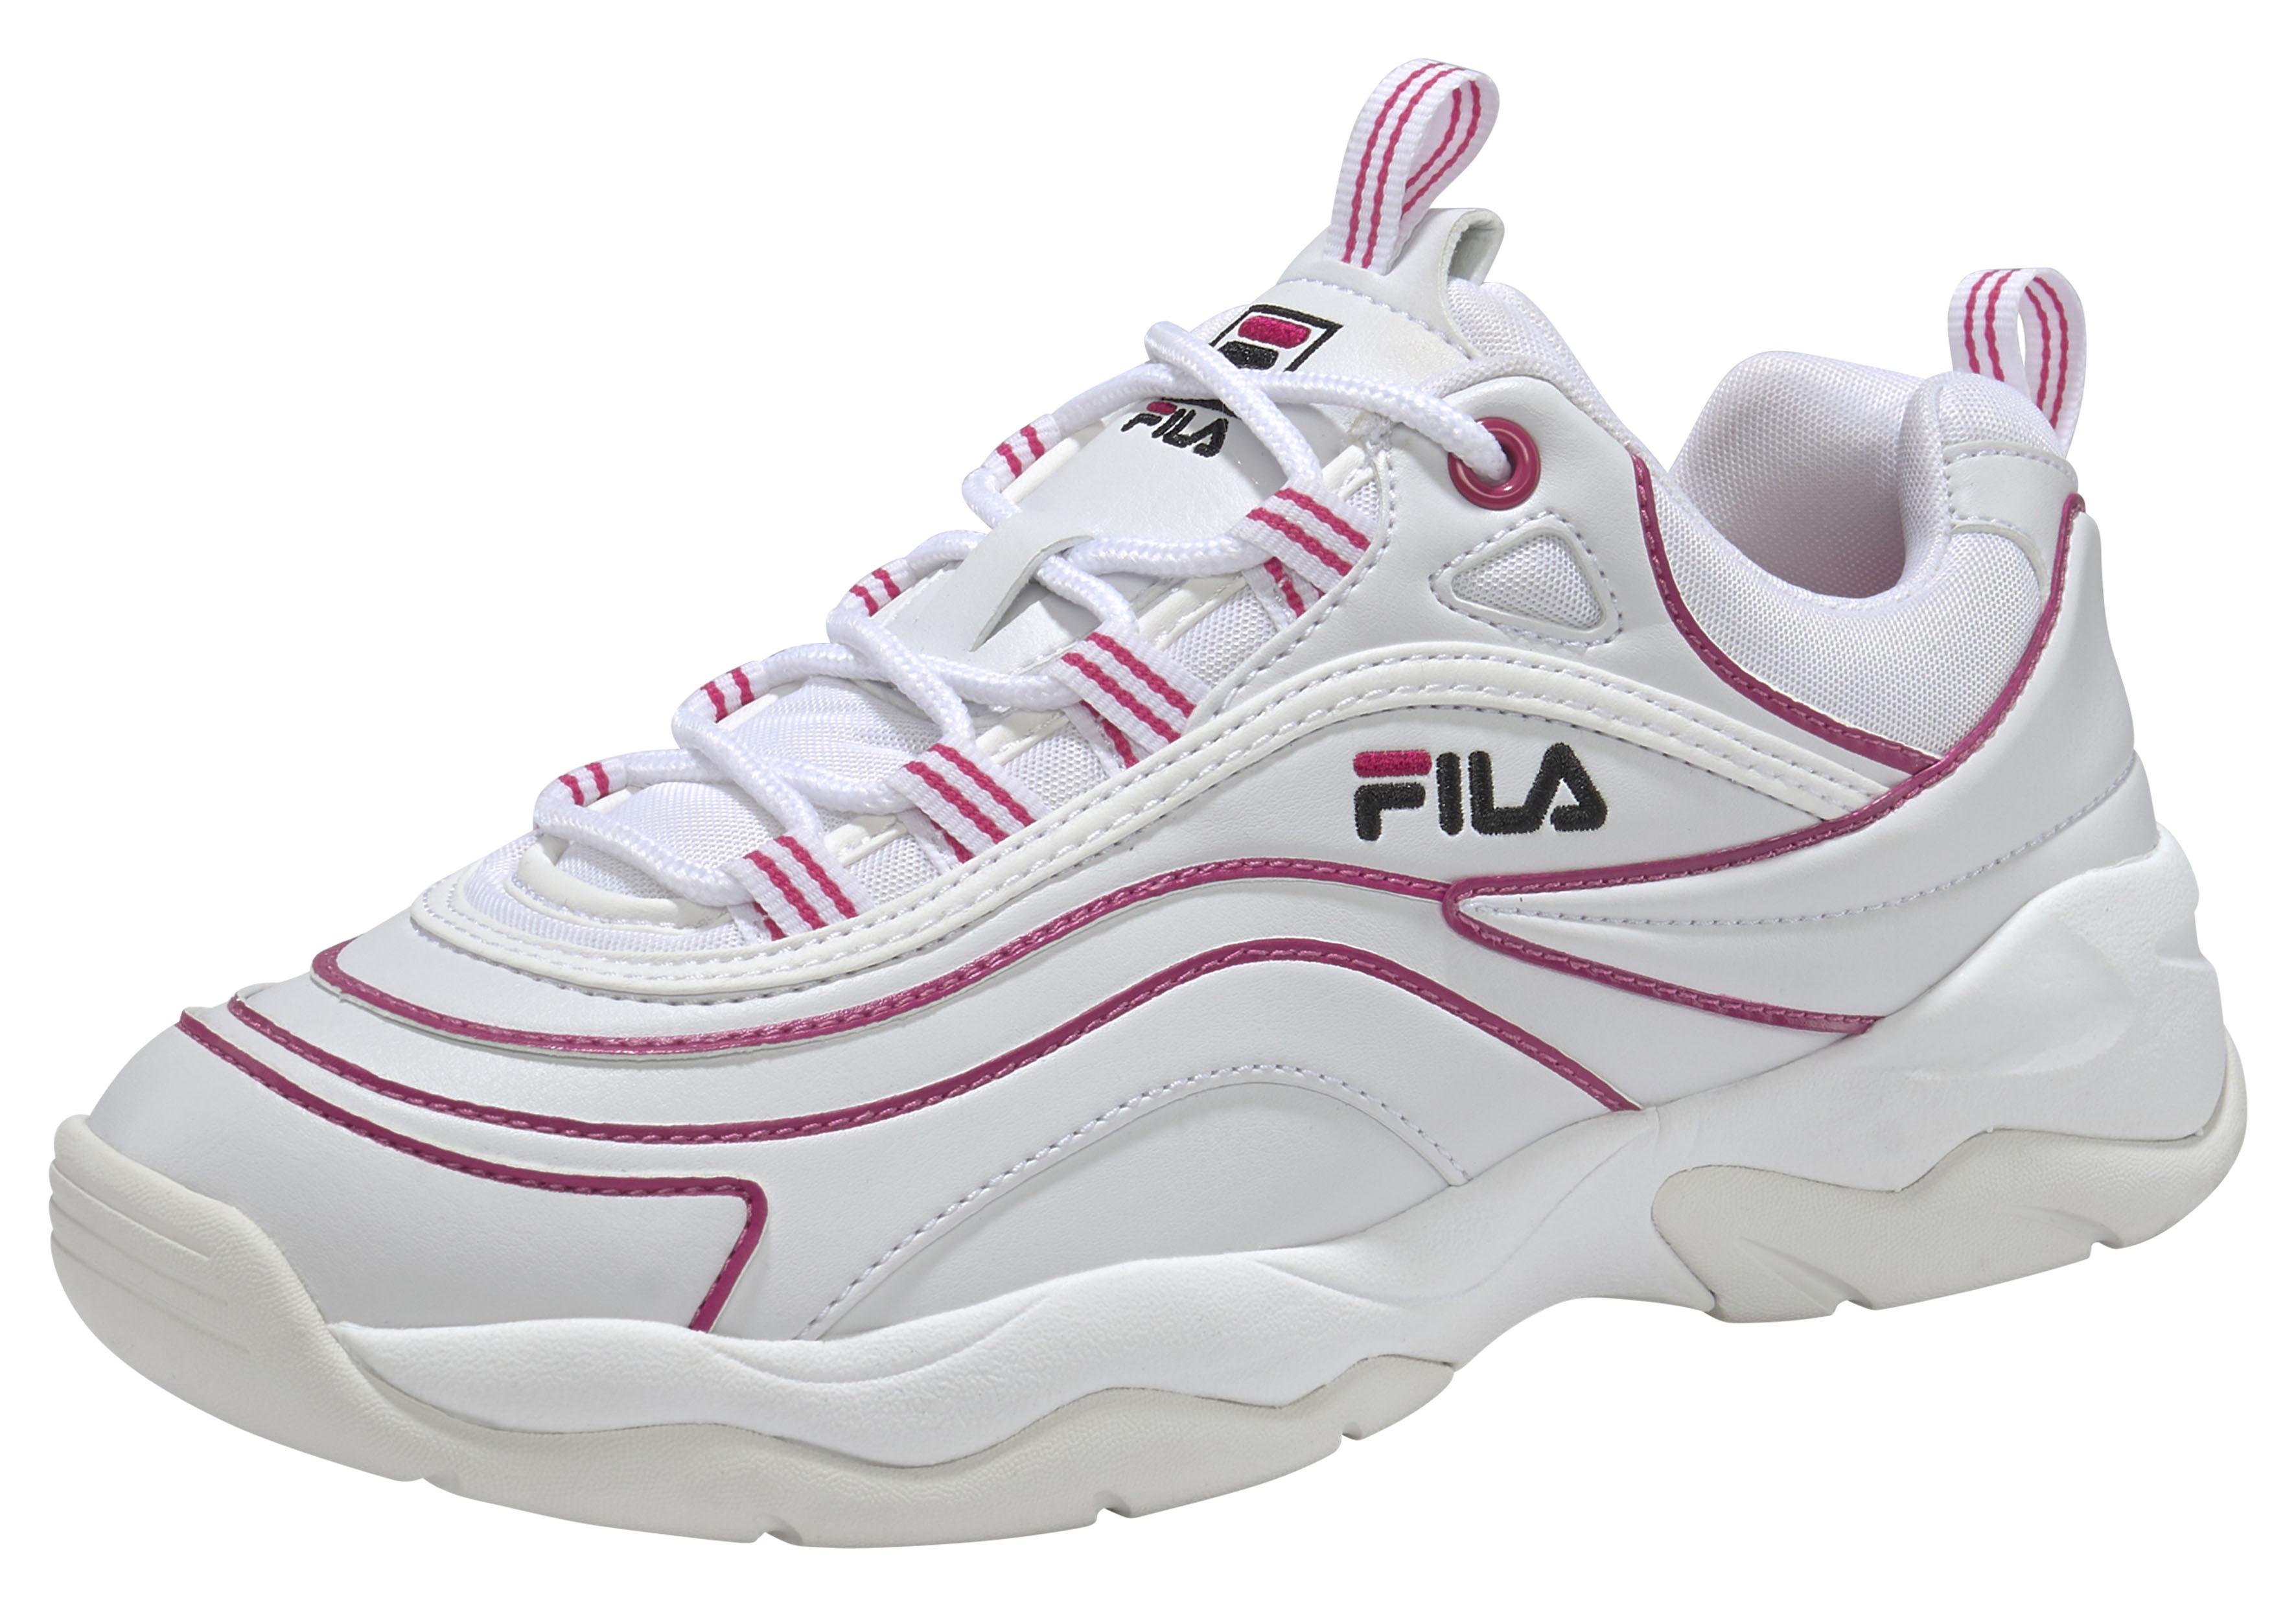 Fila Sneaker Ray Lines wmn